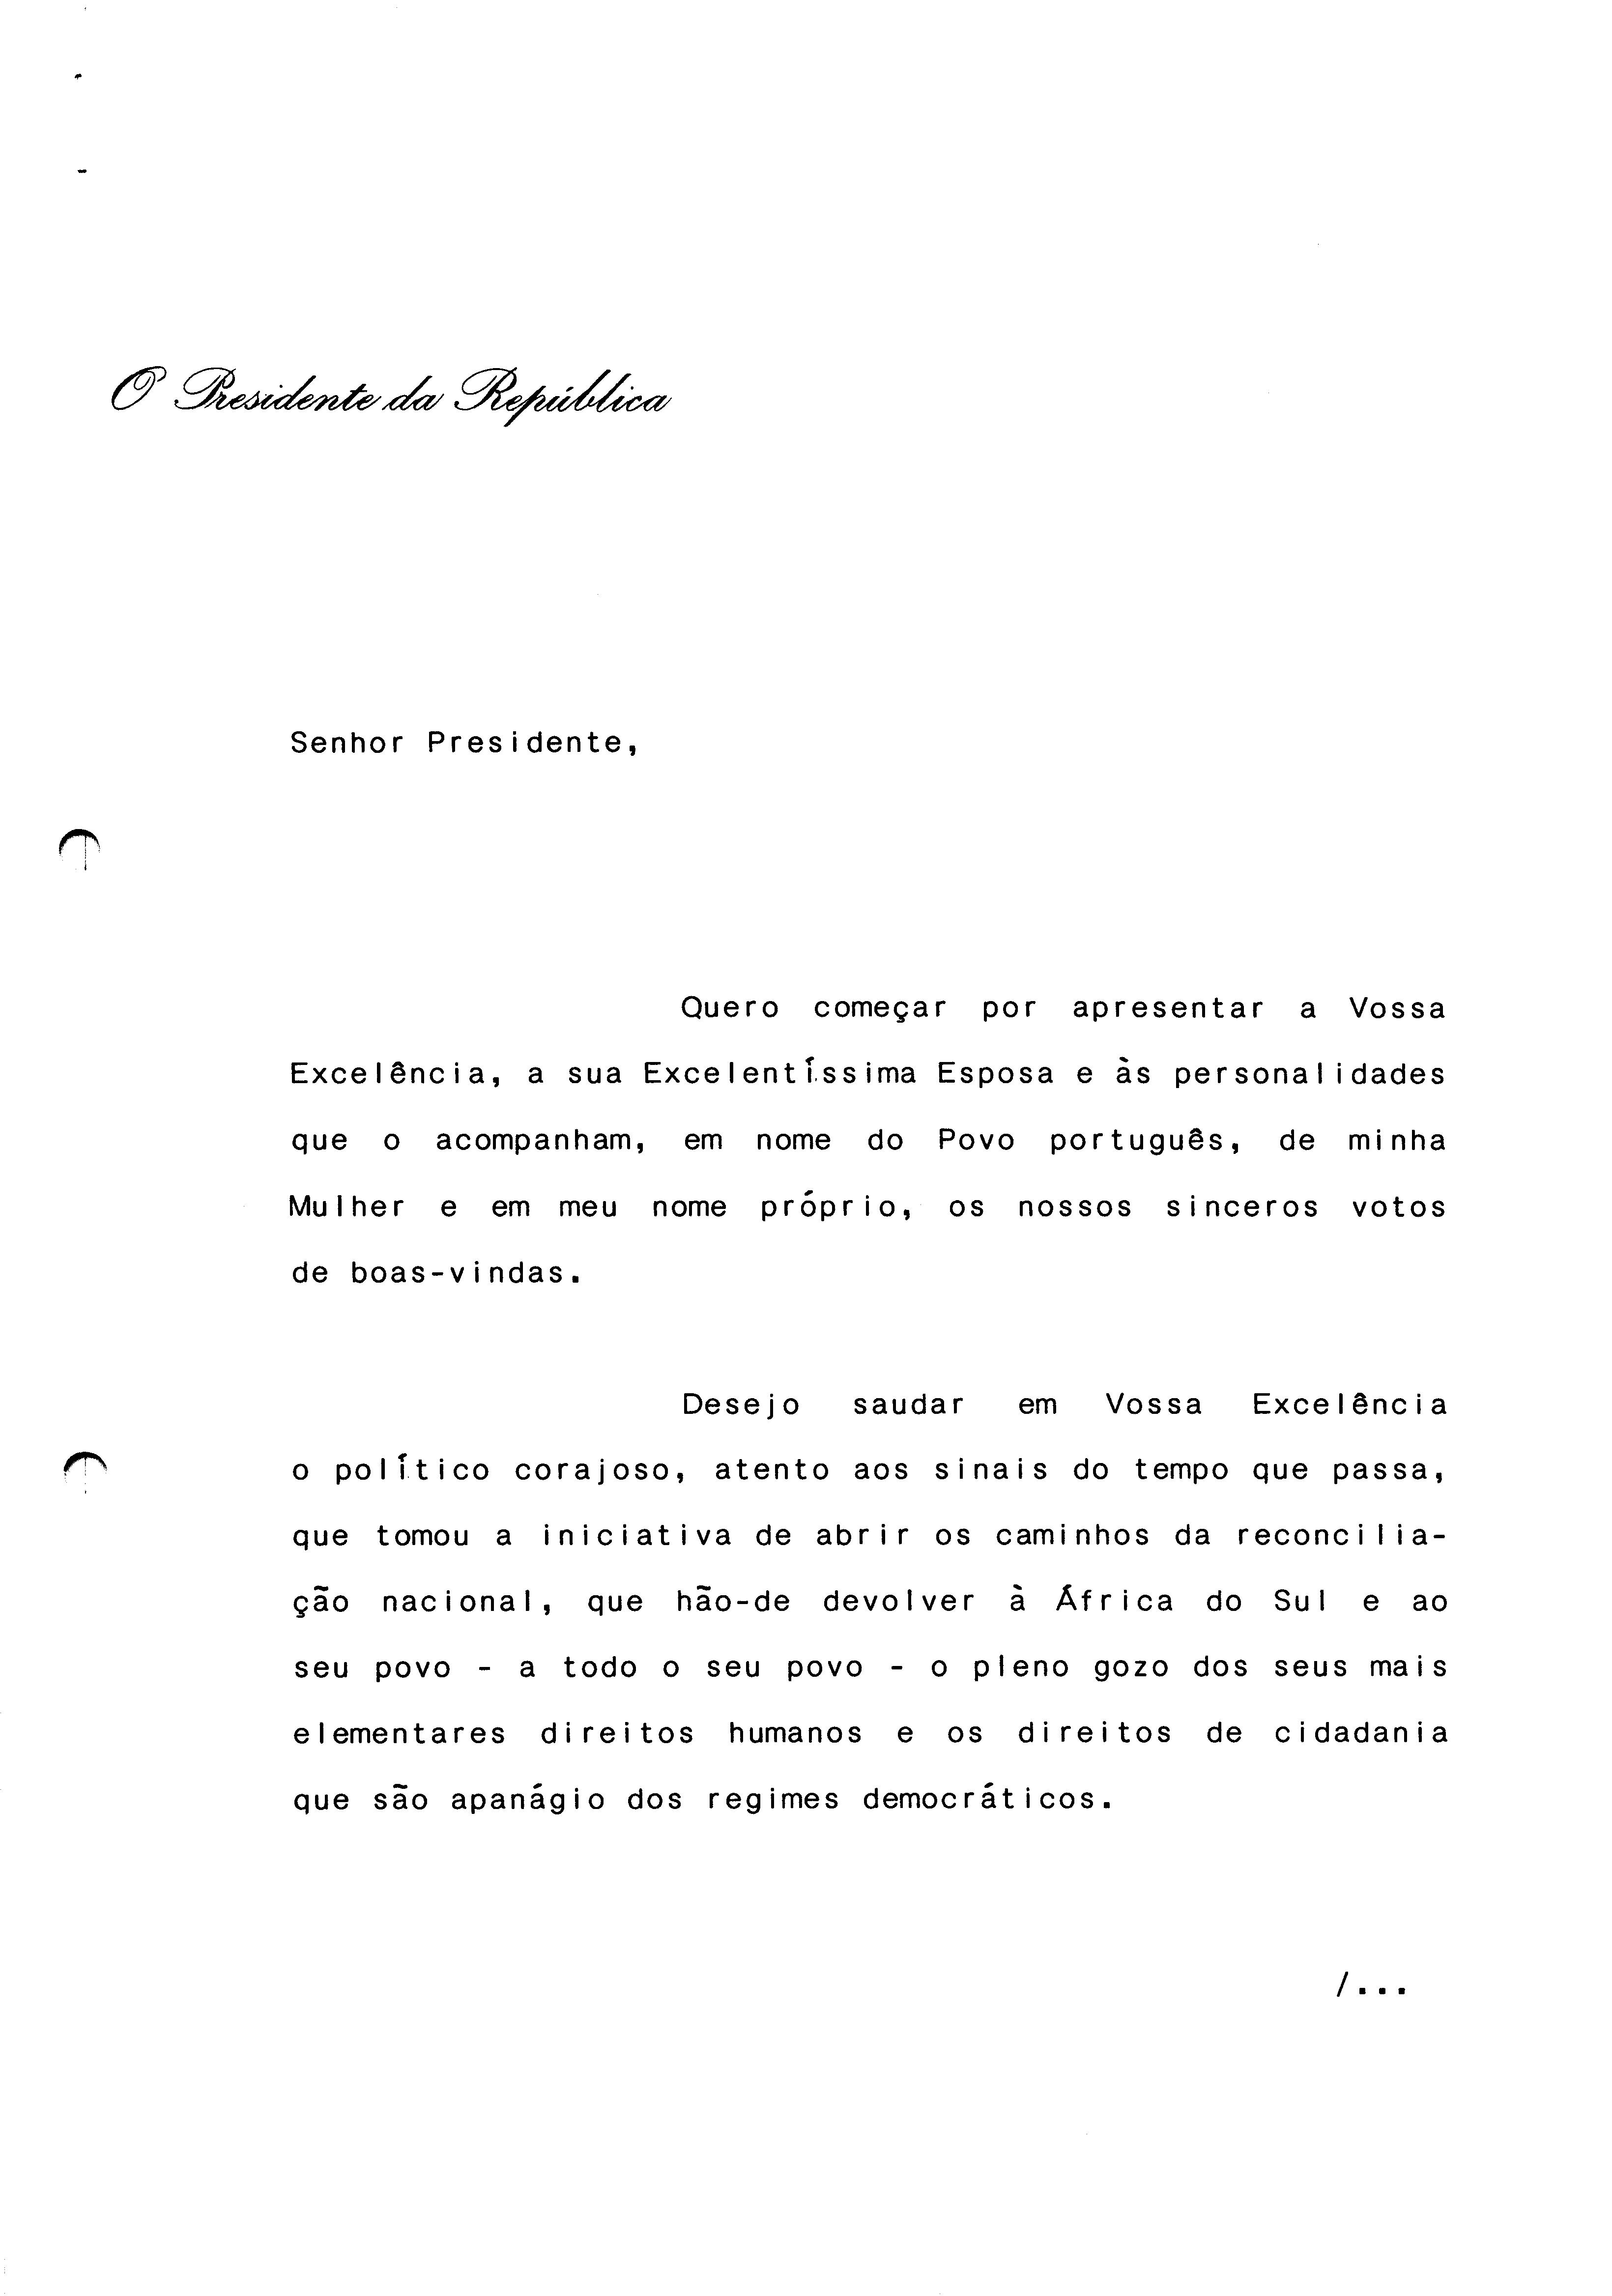 00404.002- pag.1